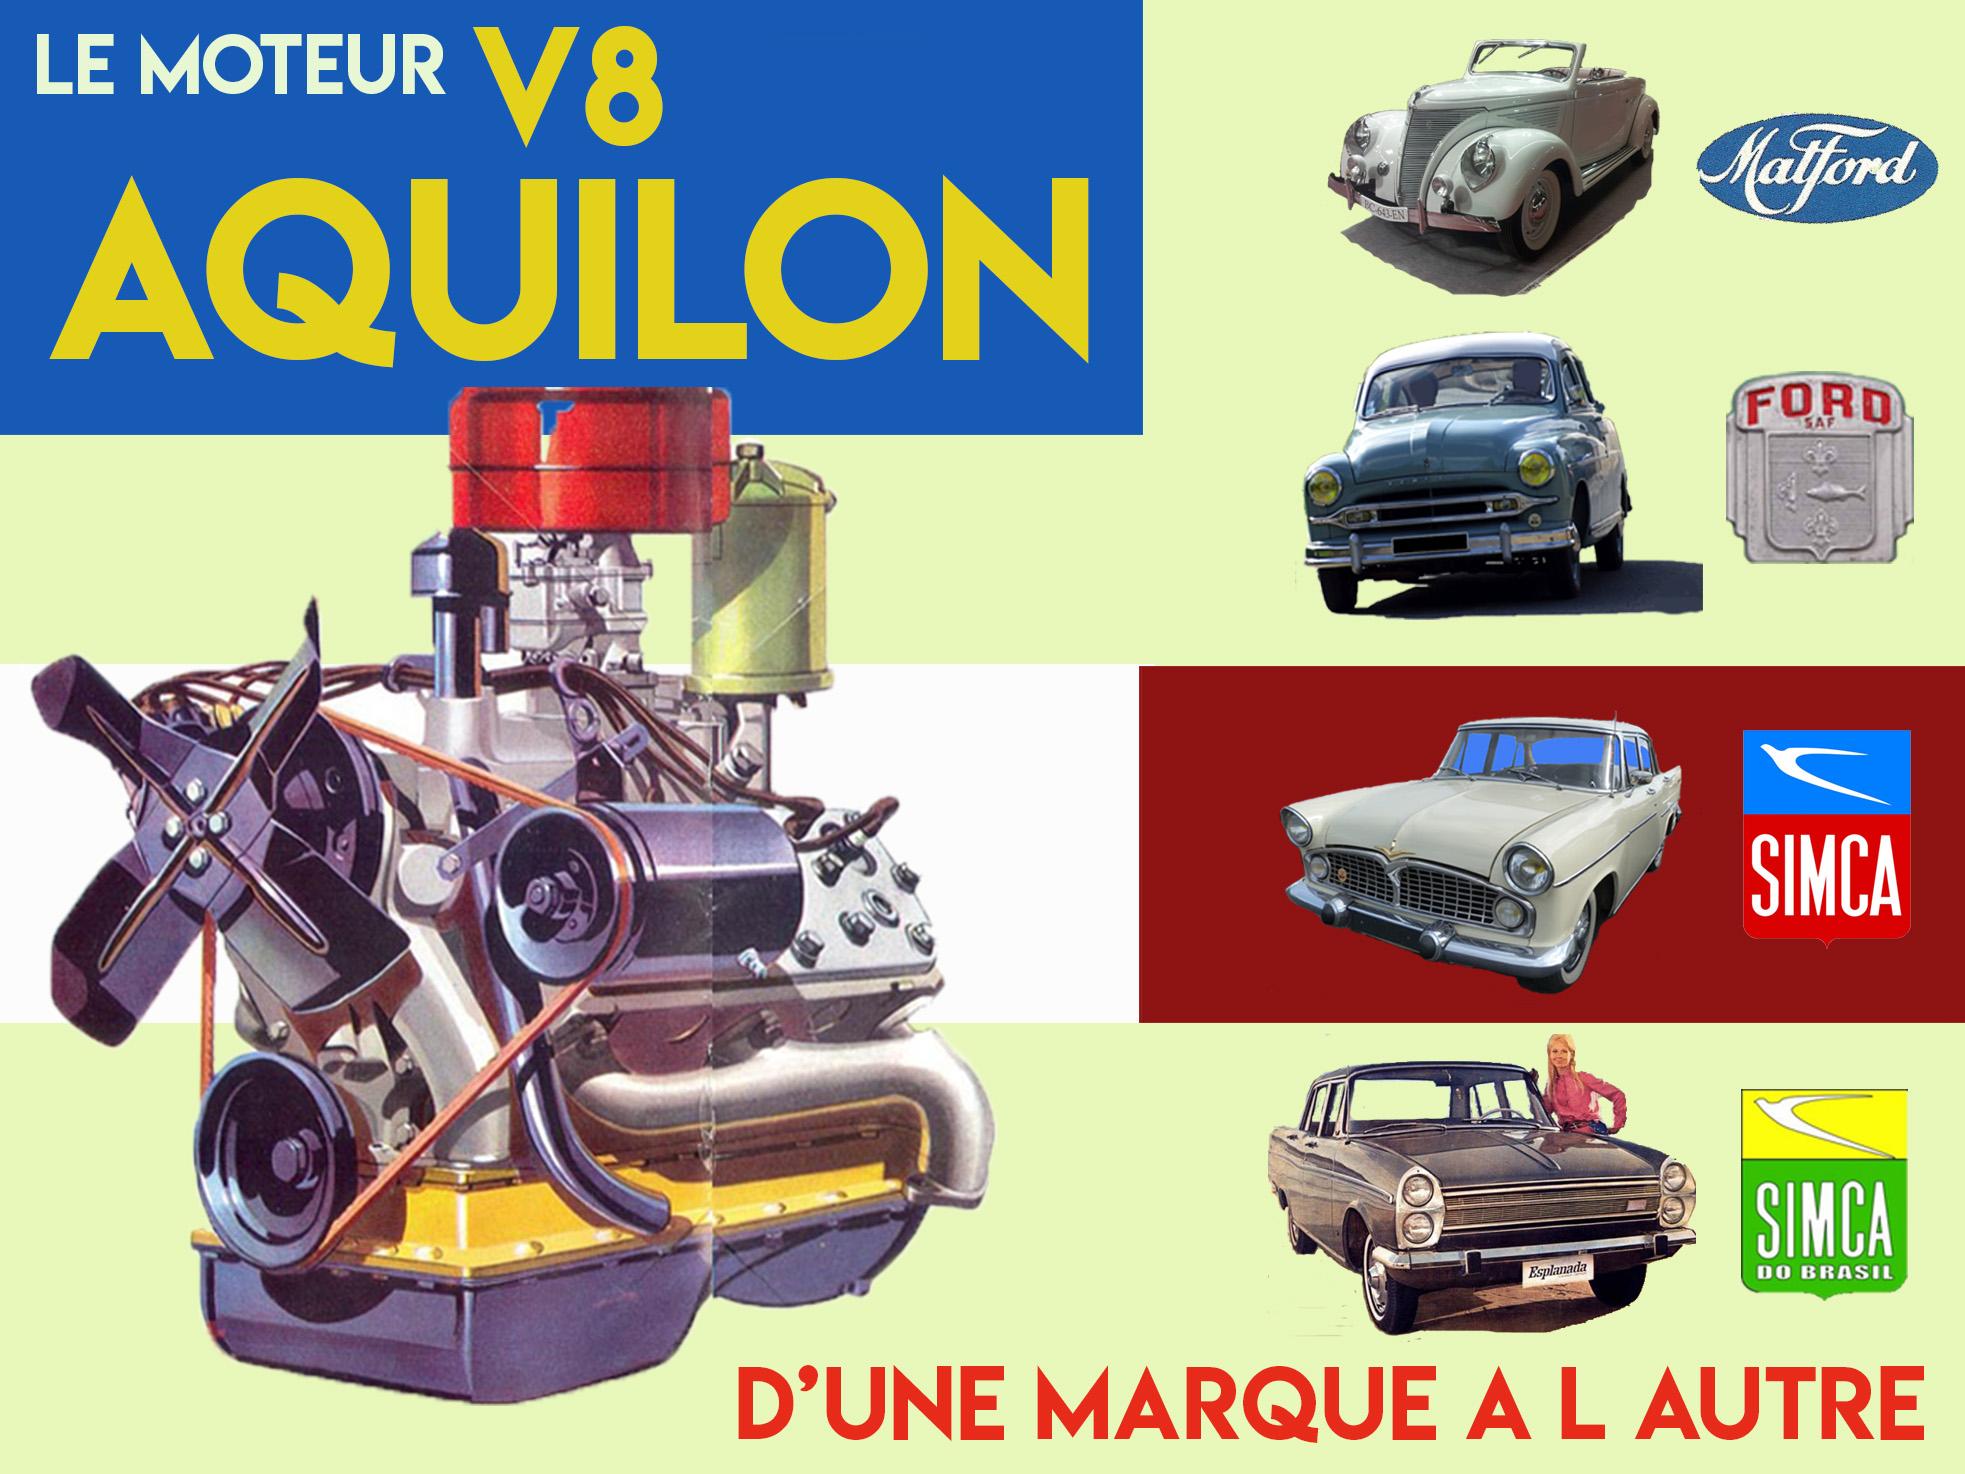 LE MOTEUR AQUILON  V8